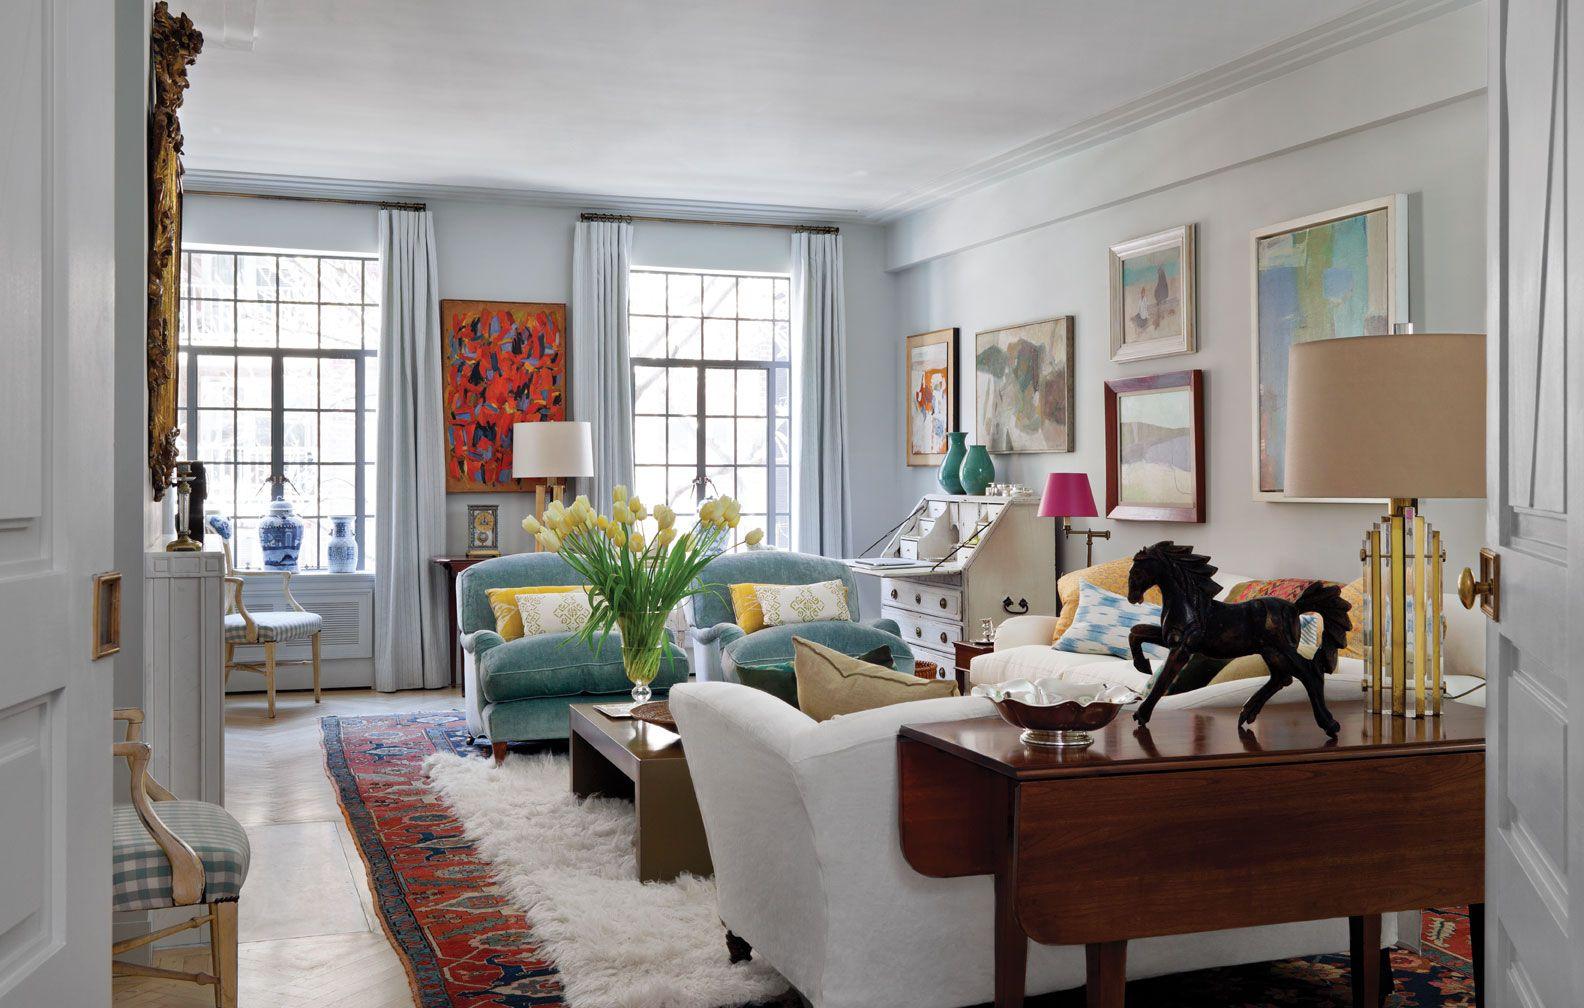 35 Unique Living Room Art Ideas Frieze Decortez Living Room Design Inspiration Living Room Art Beautiful Houses Interior